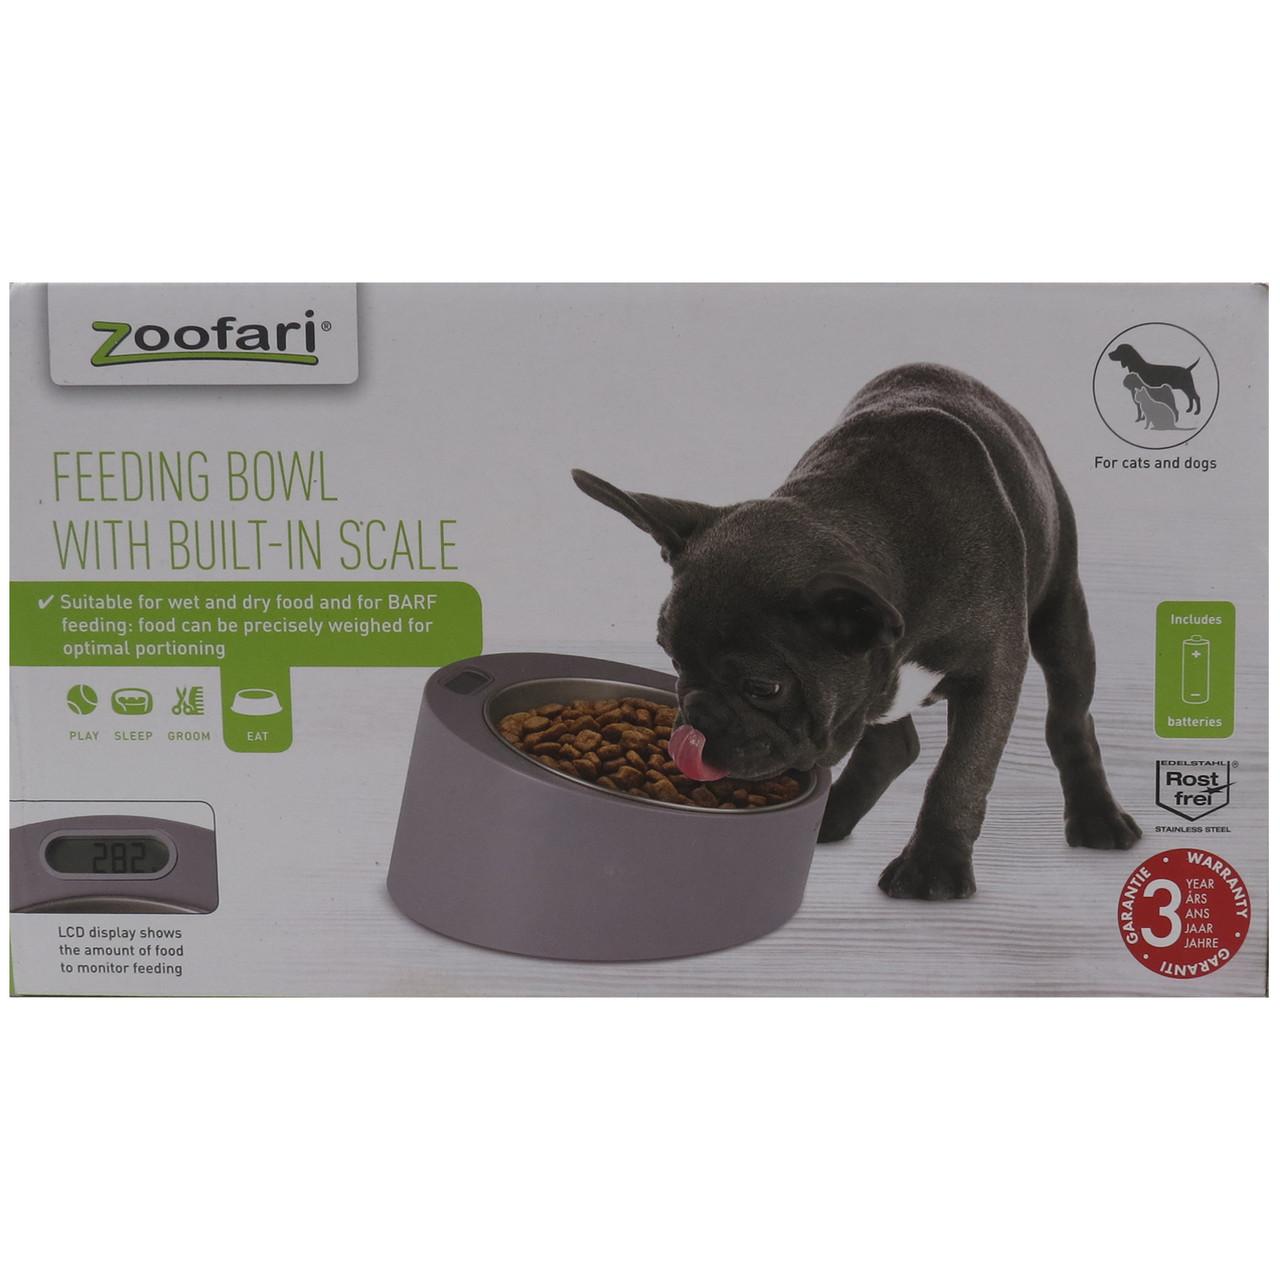 Ваги з Наймане чашею для годування тварин Zoofari